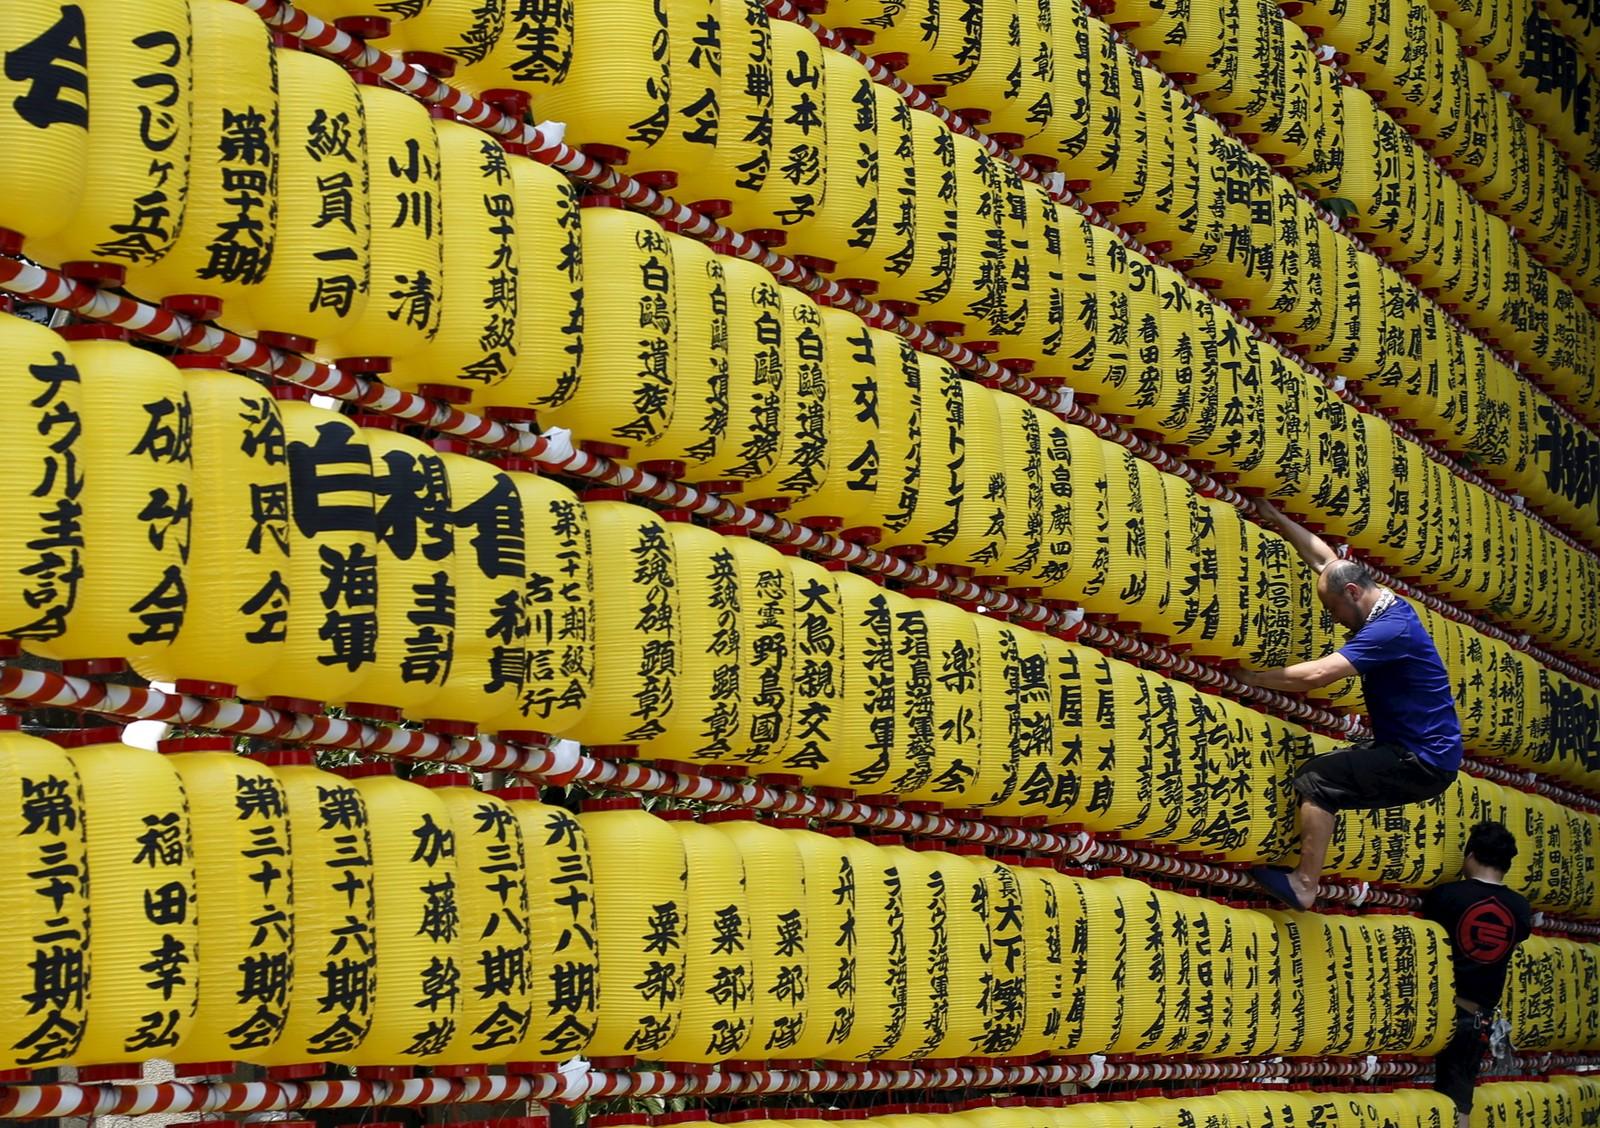 Papirlykter gjøres klar før den årlige Mitama-festivalen i Tokyo, Japan. Mer enn 30.000 lykter skal tennes under den fire dager lange festivalen som hedrer de som har dødd i krig.